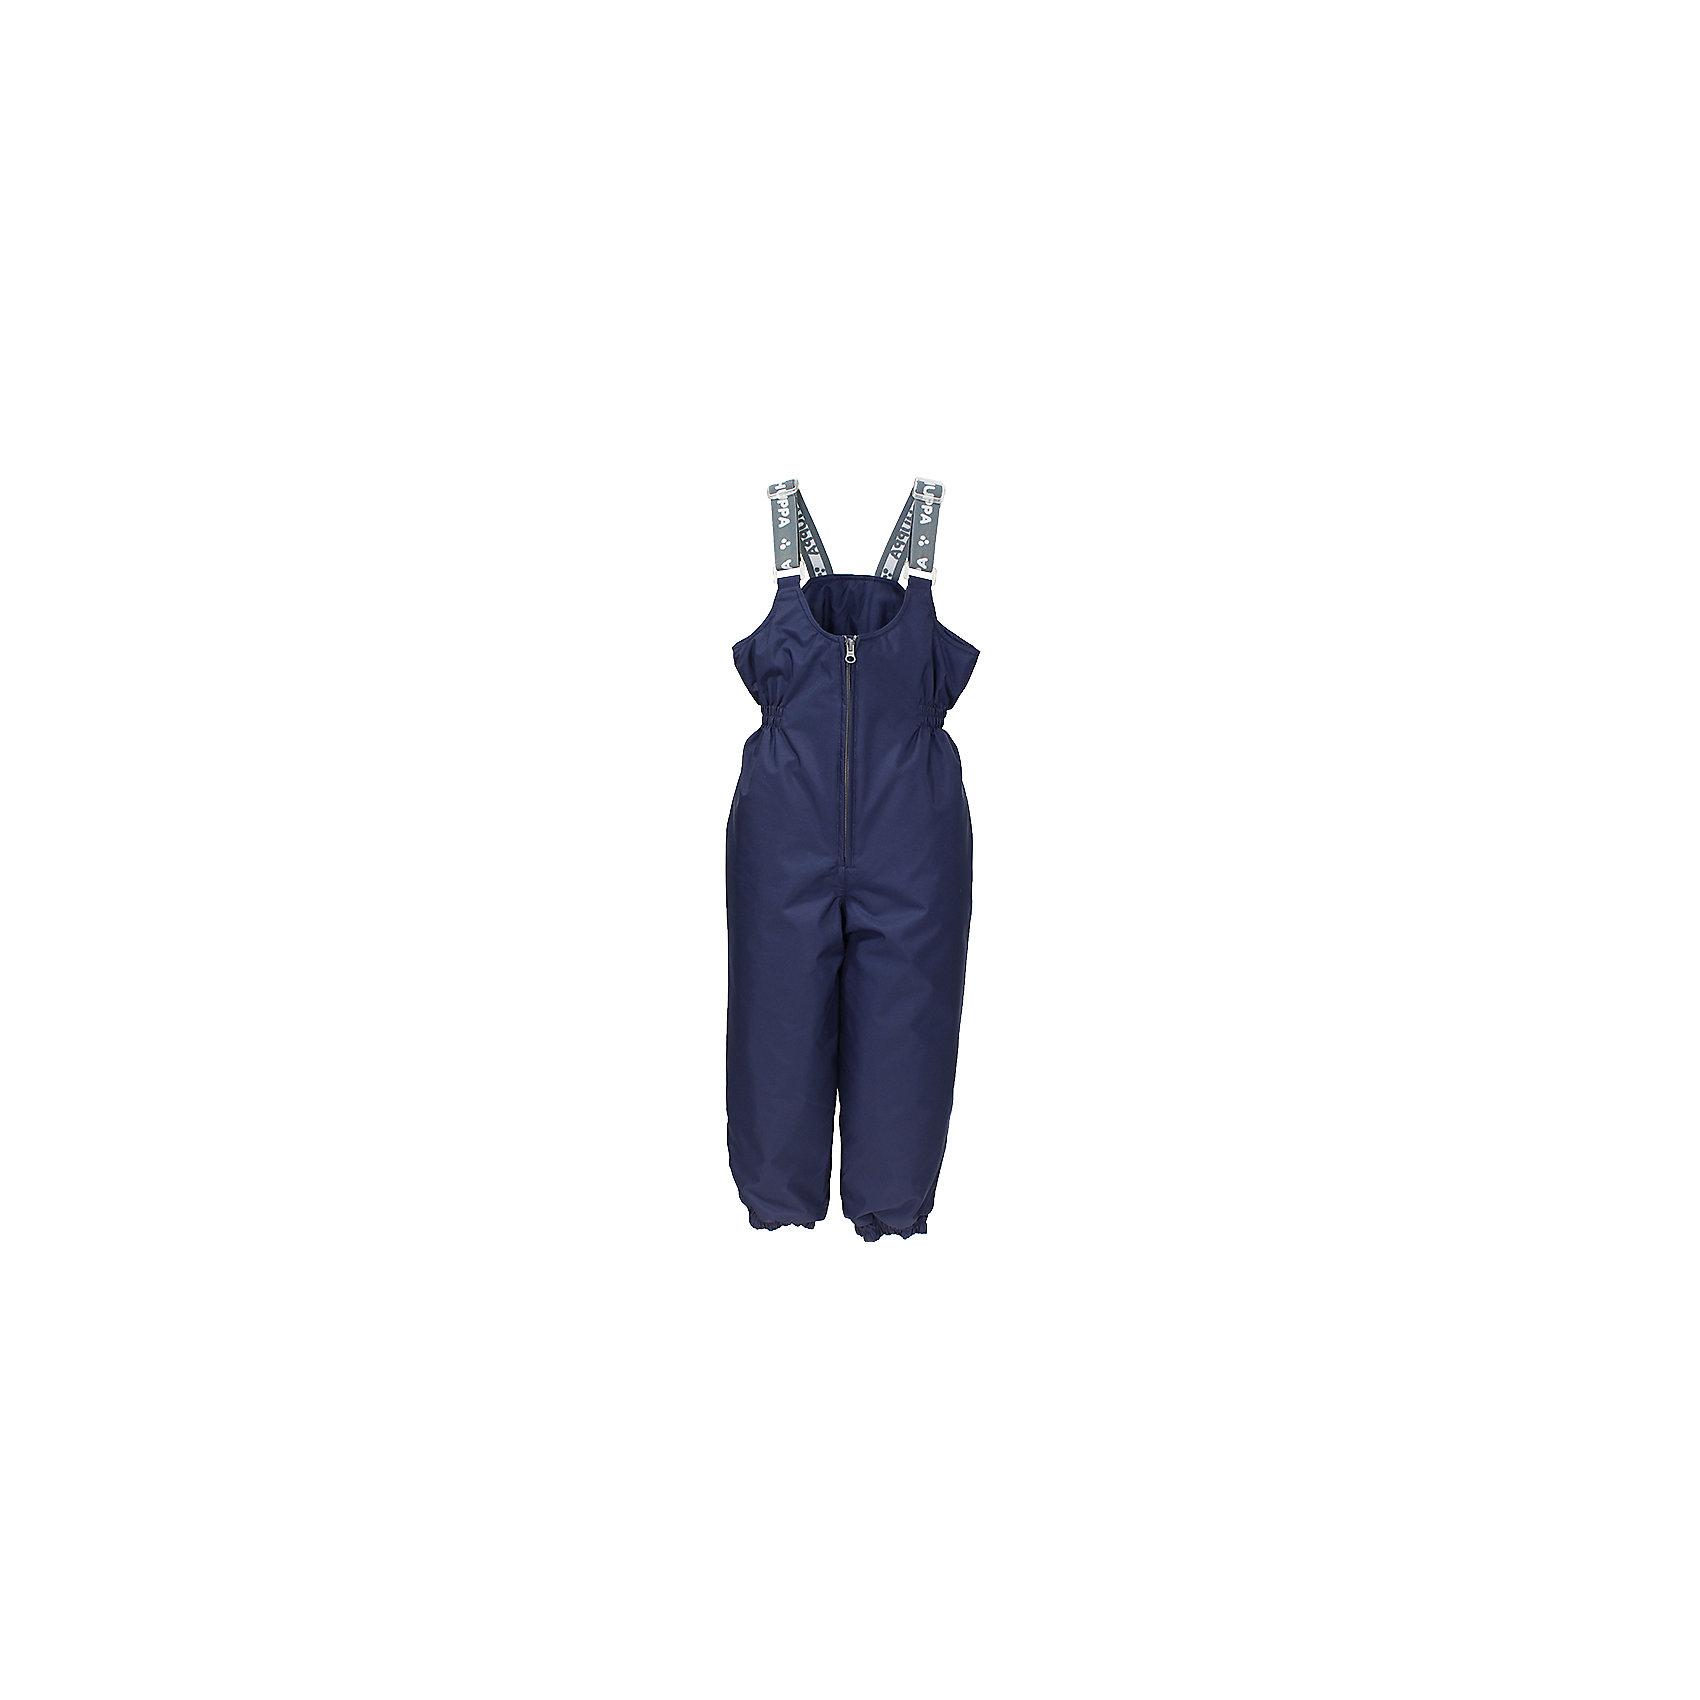 Брюки для мальчика HuppaВерхняя одежда<br>Утепленные брюки FUNNY Huppa(Хуппа).<br><br>Утеплитель: 100% полиэстер, 160 гр.<br><br>Температурный режим: до -20 градусов. Степень утепления – средняя. <br><br>* Температурный режим указан приблизительно — необходимо, прежде всего, ориентироваться на ощущения ребенка. Температурный режим работает в случае соблюдения правила многослойности – использования флисовой поддевы и термобелья.<br><br>Изготовлены из прочных и качественных материалов. Они прекрасно подойдут для зимних прогулок и активного отдыха.<br><br>Особенности:<br>-утеплитель HuppaTherm легко восстанавливается в объеме. Его легко стирать и сушить<br>-специальная дышащая мембрана не пропустит воду и ветер под одежду<br>-проклейка швов водостойкой лентой<br>-резинка на талии и манжетах помогут брюкам хорошо держаться на теле<br>-регулируемые подтяжки<br>-светоотражающие элементы для обеспечения безопасности в темное время суток<br><br>Дополнительная информация:<br>Цвет: темно-синий<br>Материал: 100% полиэстер<br>Подкладка: тафта - 100% полиэстер<br><br>Брюки FUNNY Huppa(Хуппа) можно купить в нашем интернет-магазине.<br><br>Ширина мм: 215<br>Глубина мм: 88<br>Высота мм: 191<br>Вес г: 336<br>Цвет: синий<br>Возраст от месяцев: 12<br>Возраст до месяцев: 15<br>Пол: Мужской<br>Возраст: Детский<br>Размер: 80,128,134,140,86,92,98,104,110,116,122<br>SKU: 4928423